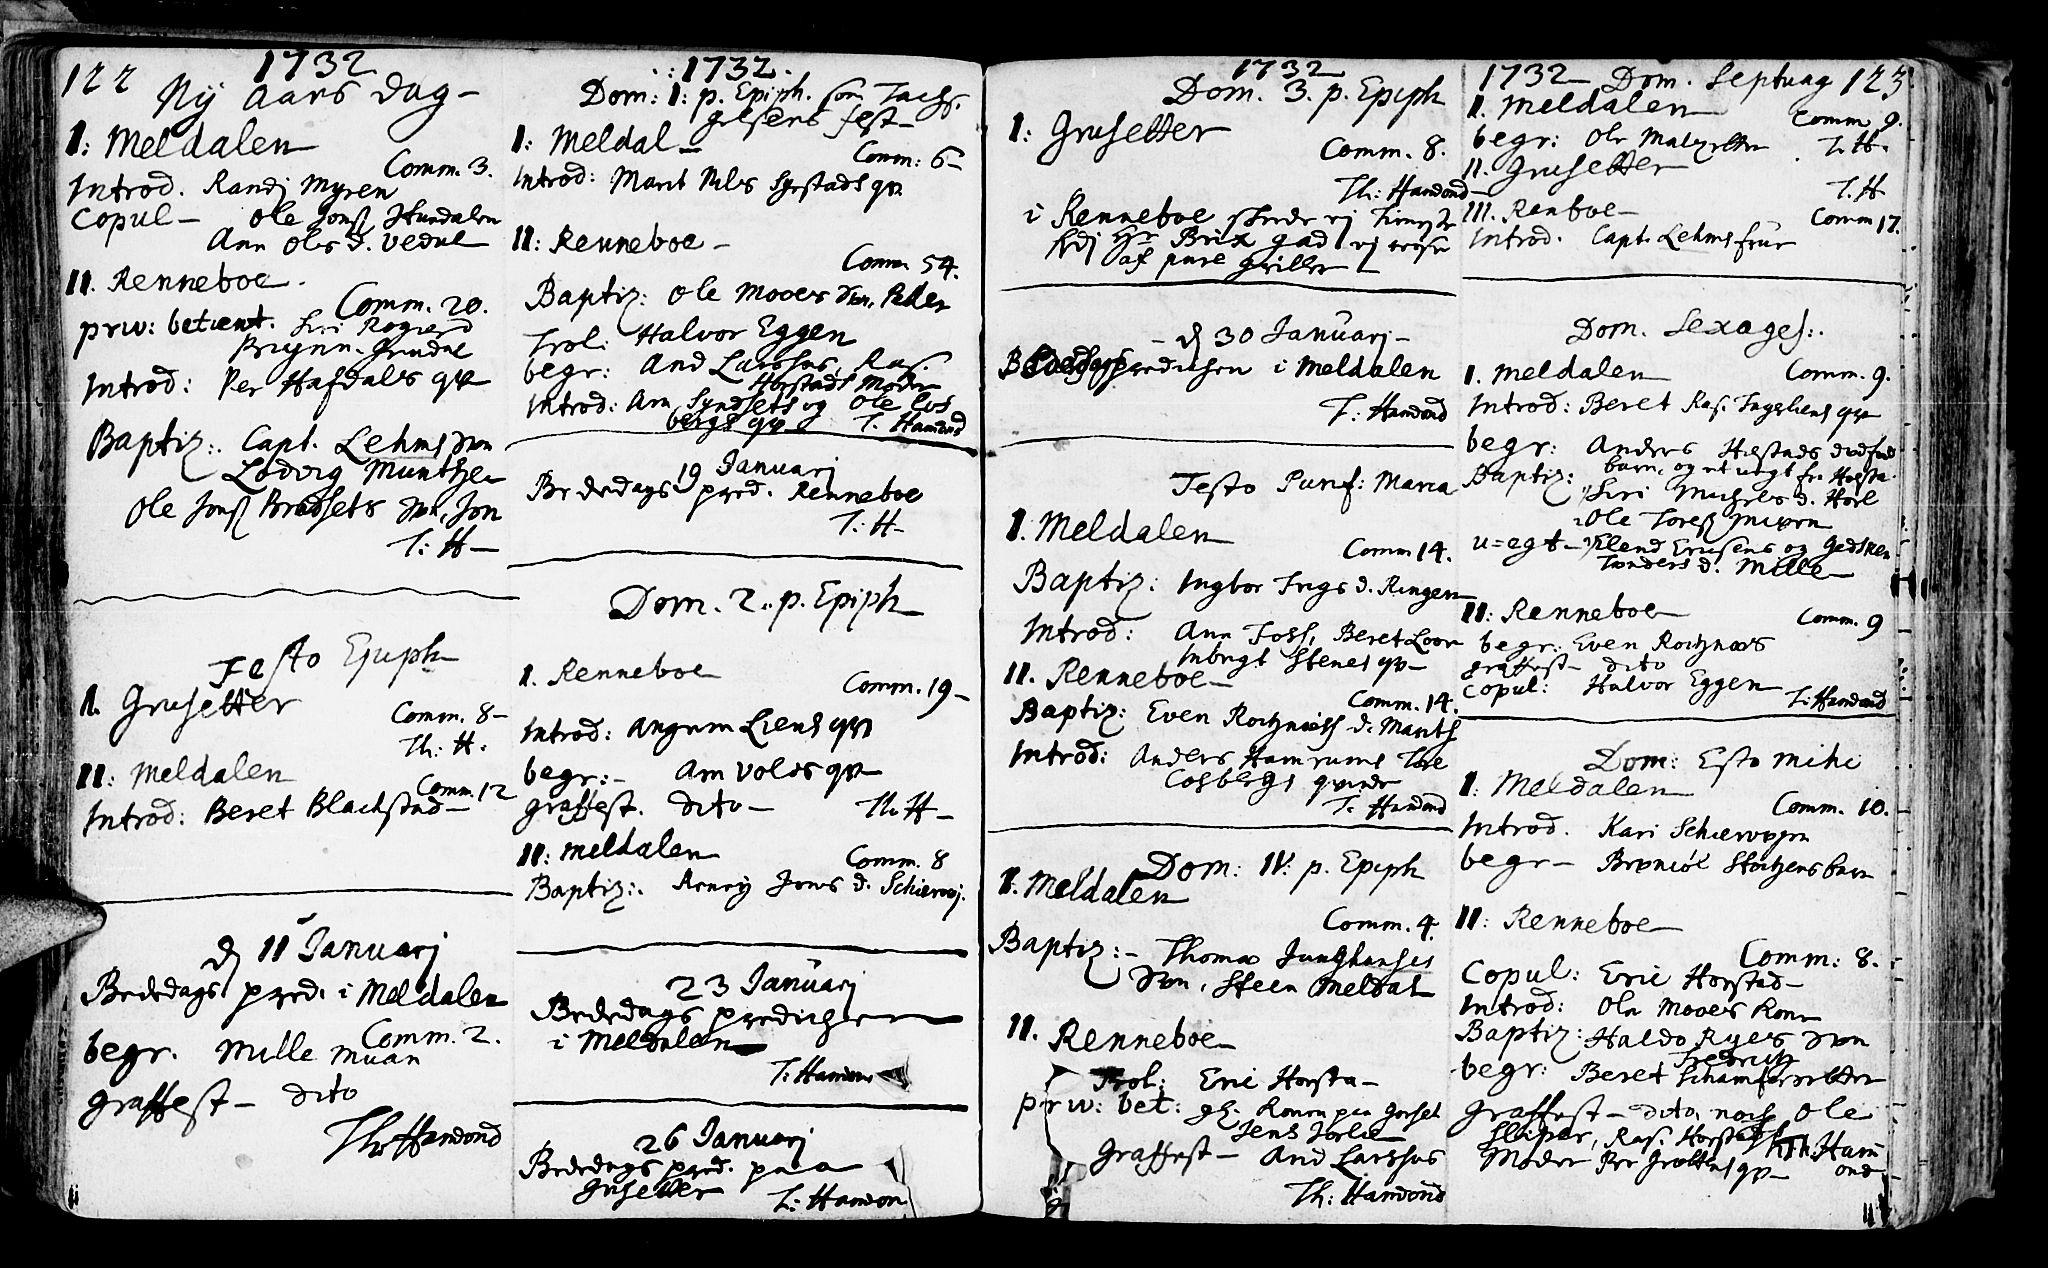 SAT, Ministerialprotokoller, klokkerbøker og fødselsregistre - Sør-Trøndelag, 672/L0850: Ministerialbok nr. 672A03, 1725-1751, s. 122-123